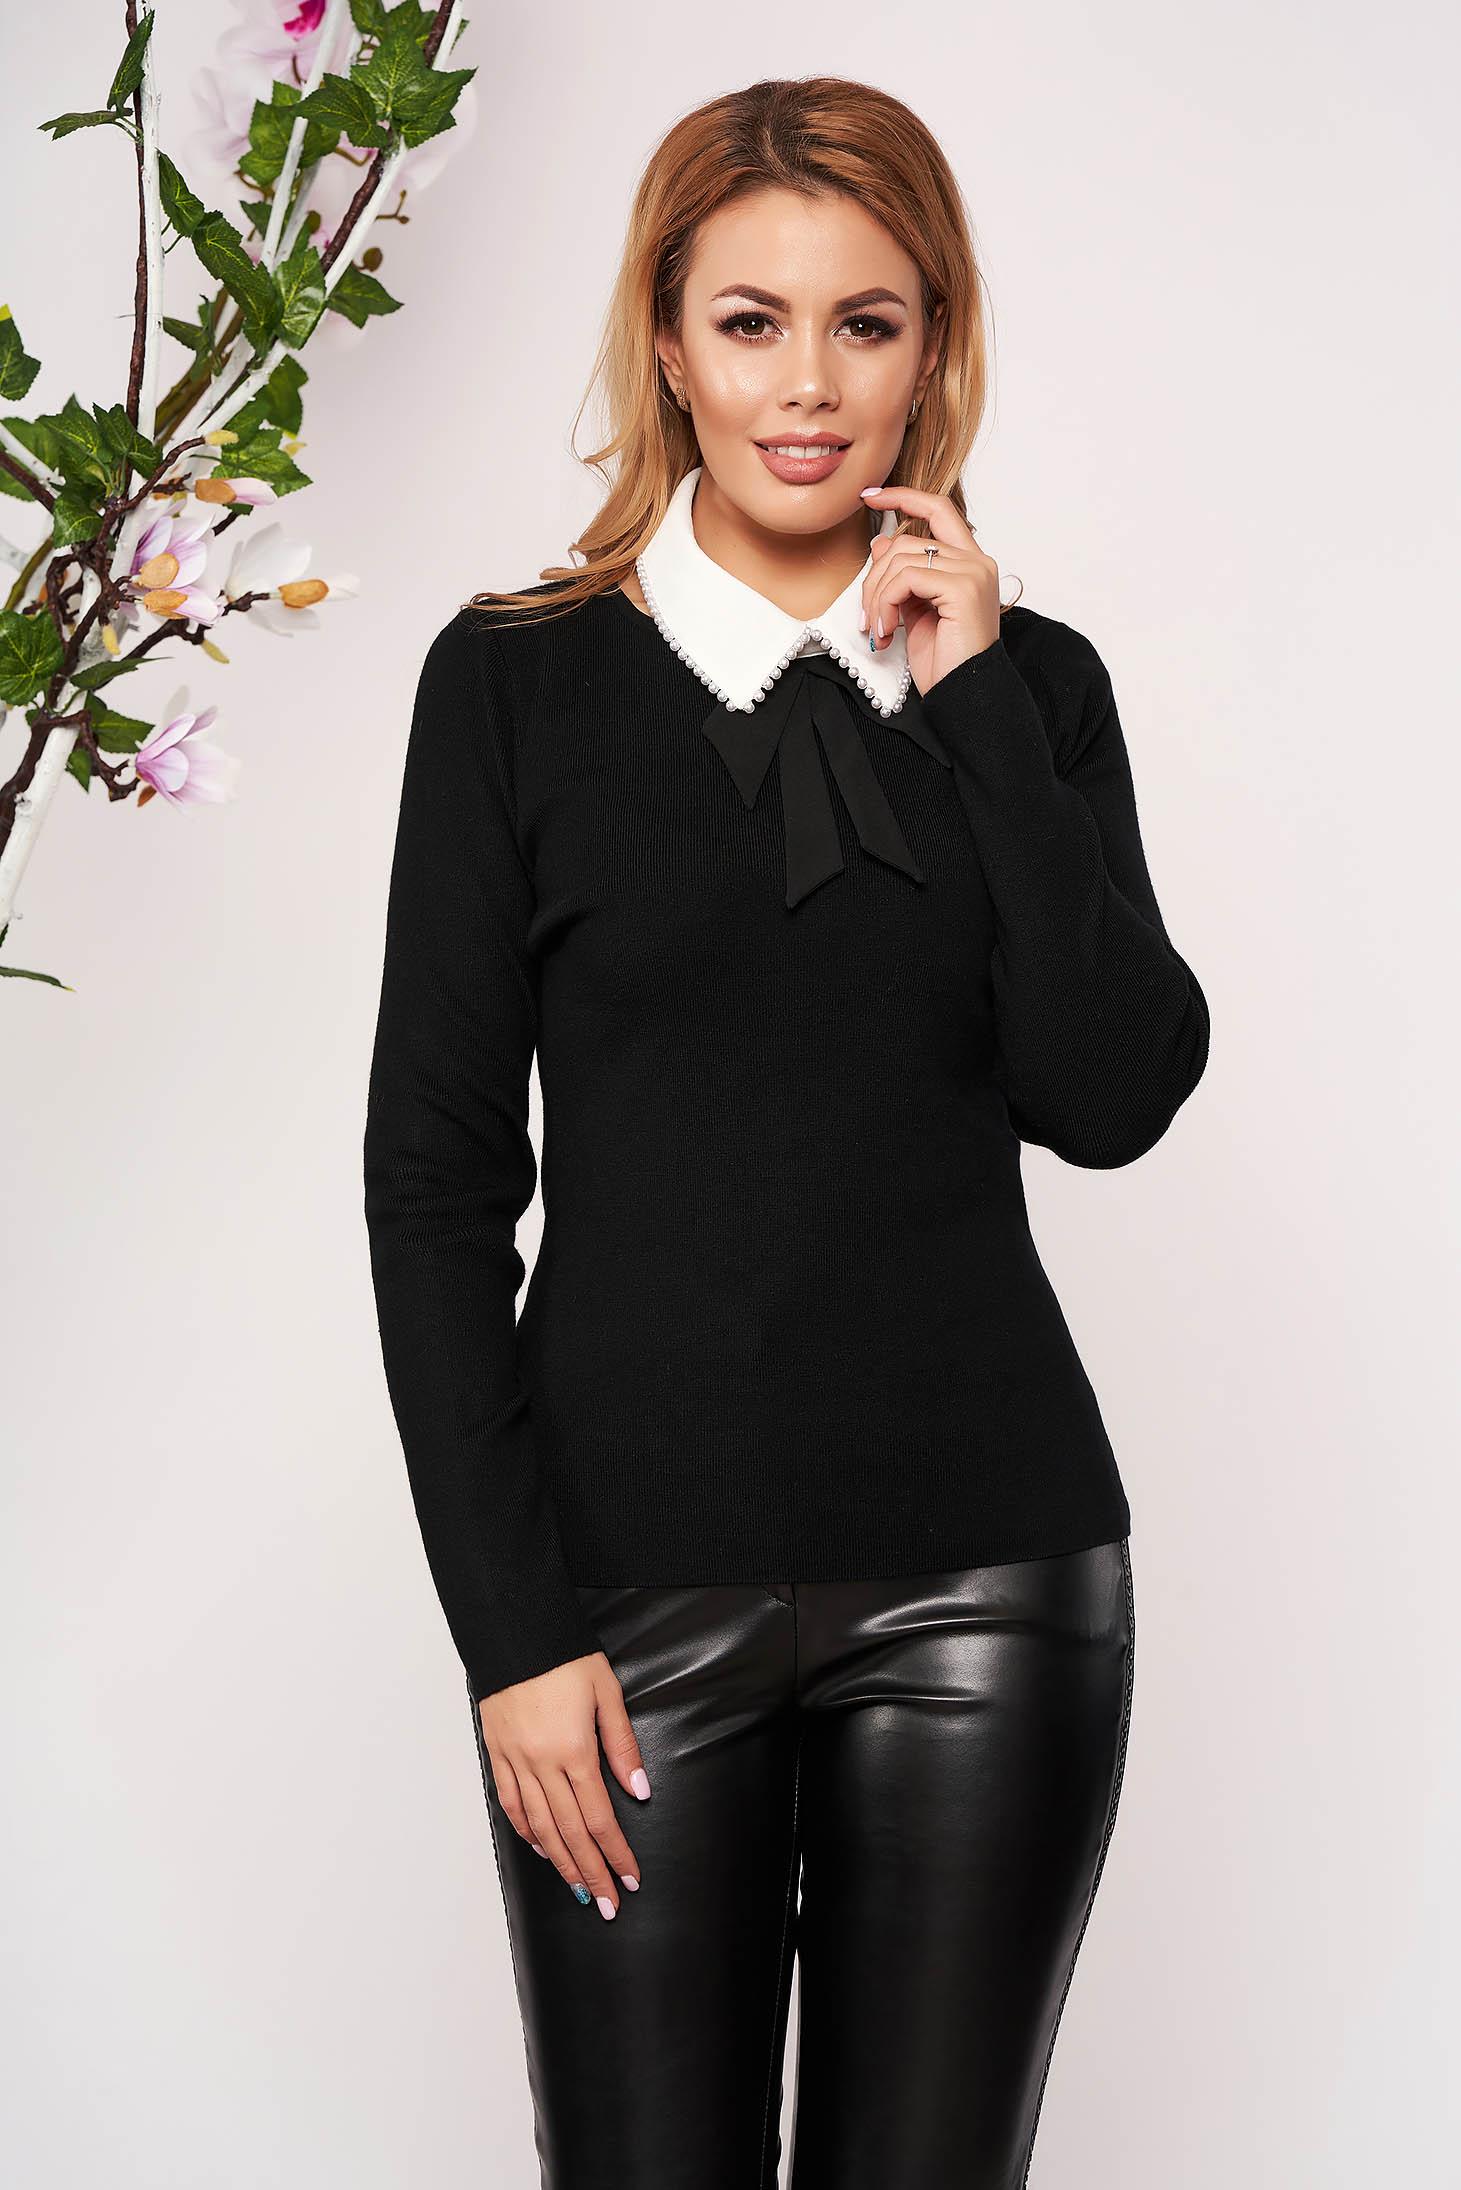 Bluza dama SunShine neagra eleganta tricotata scurta cu un croi cambrat si guler detasabil